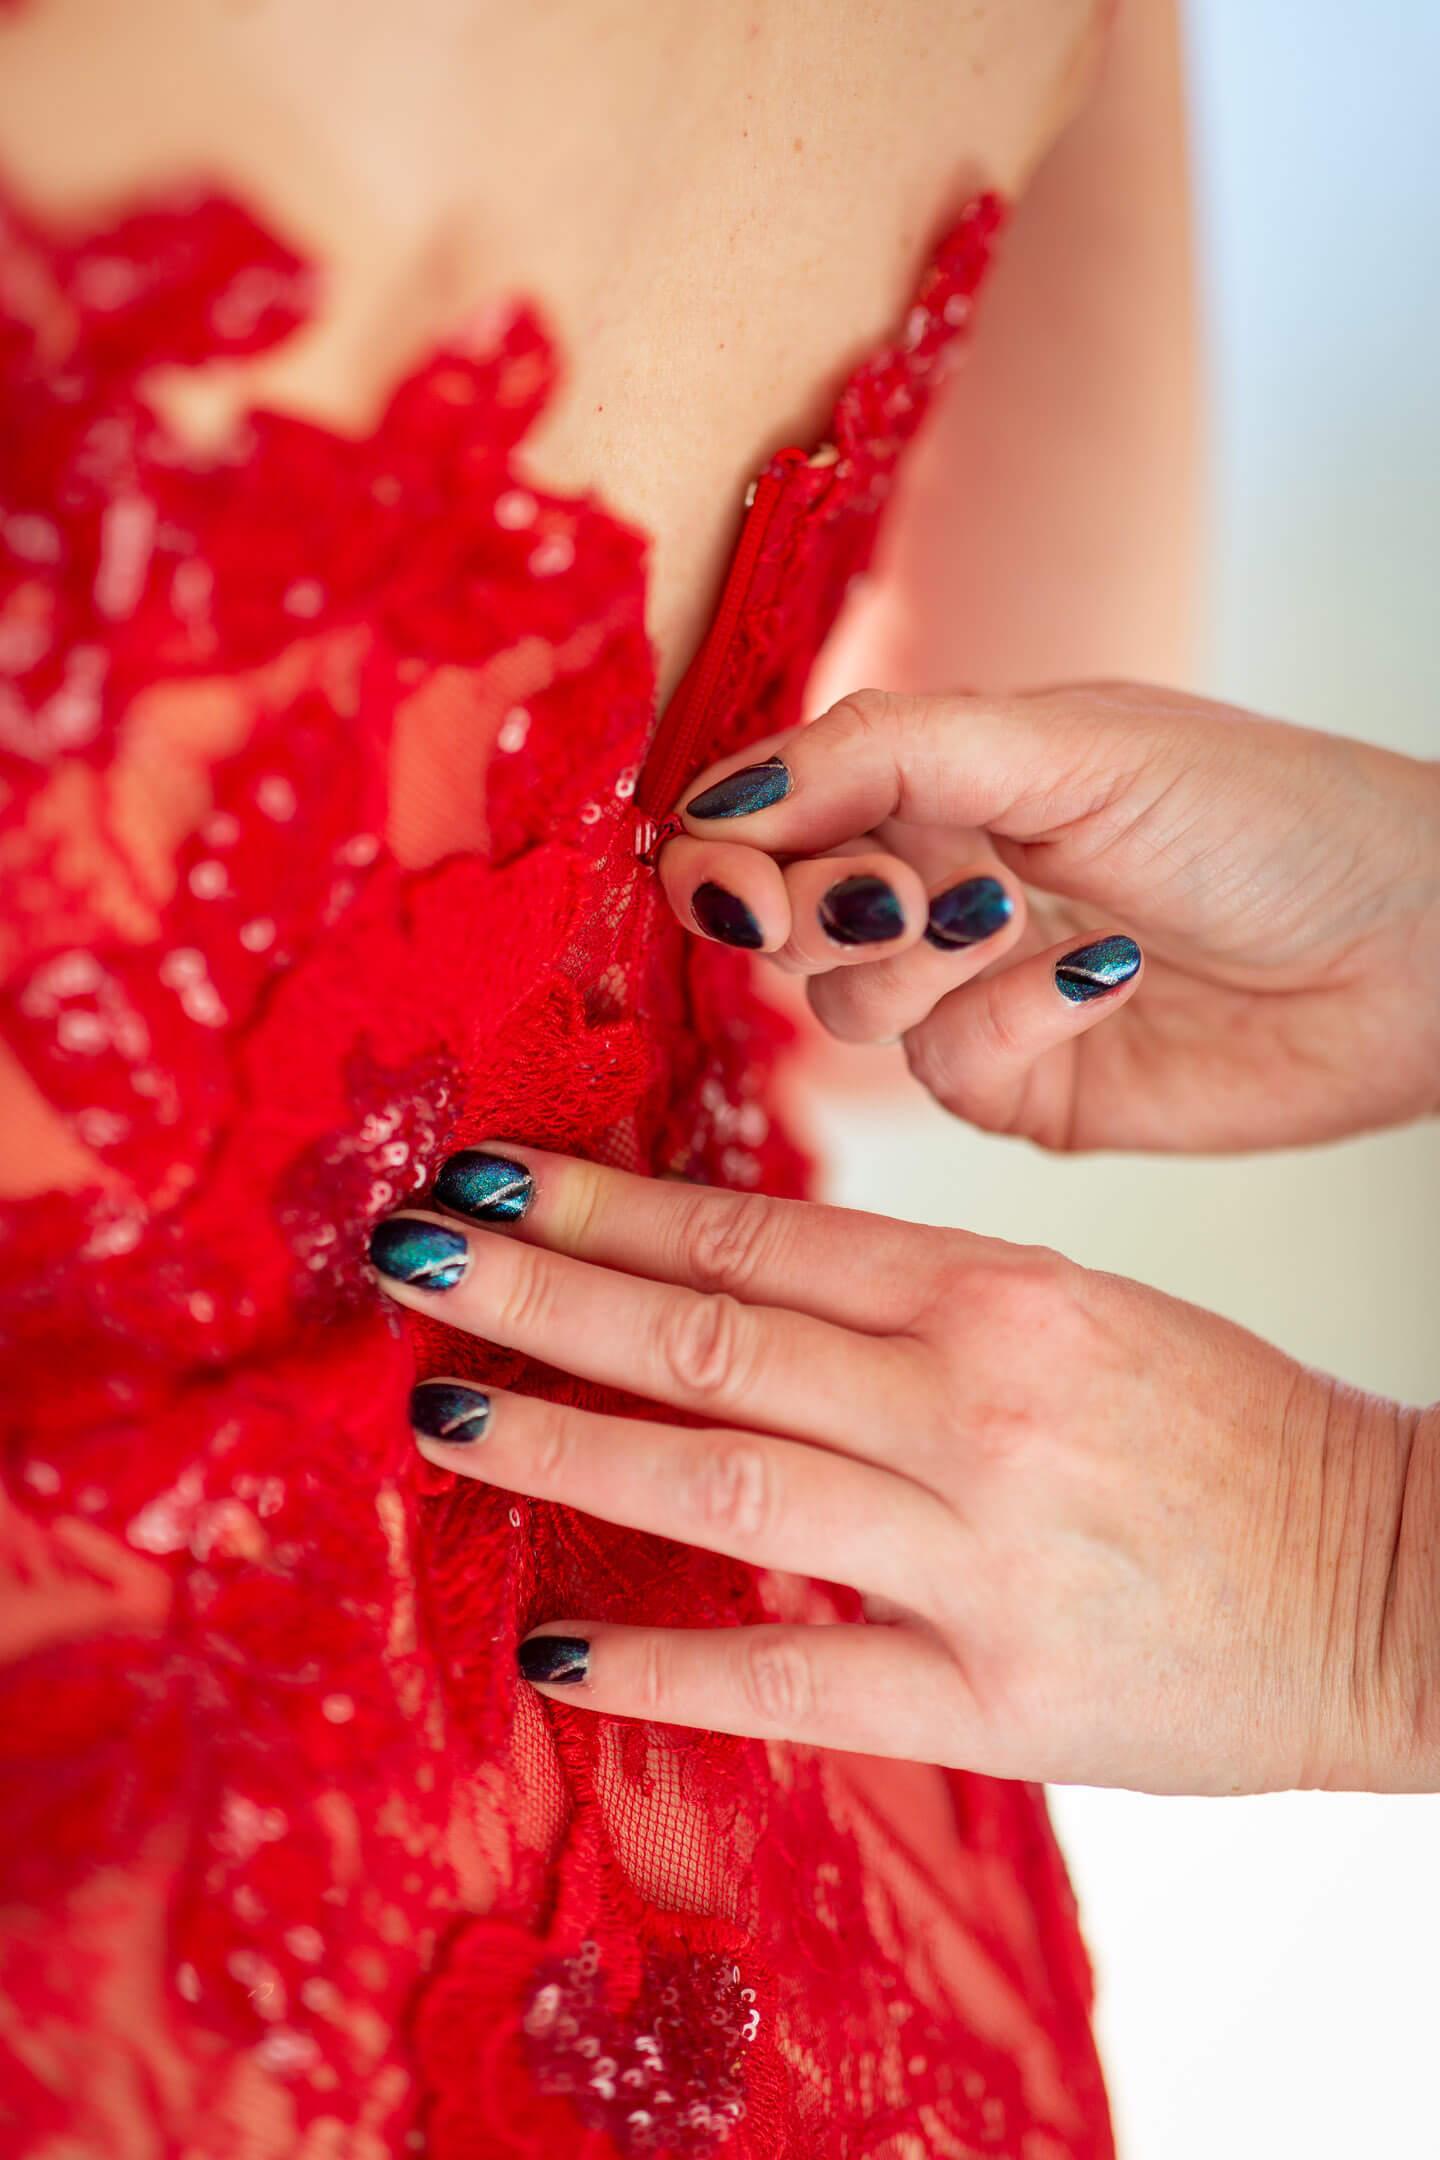 Hochzeitskleid wird geschlossen